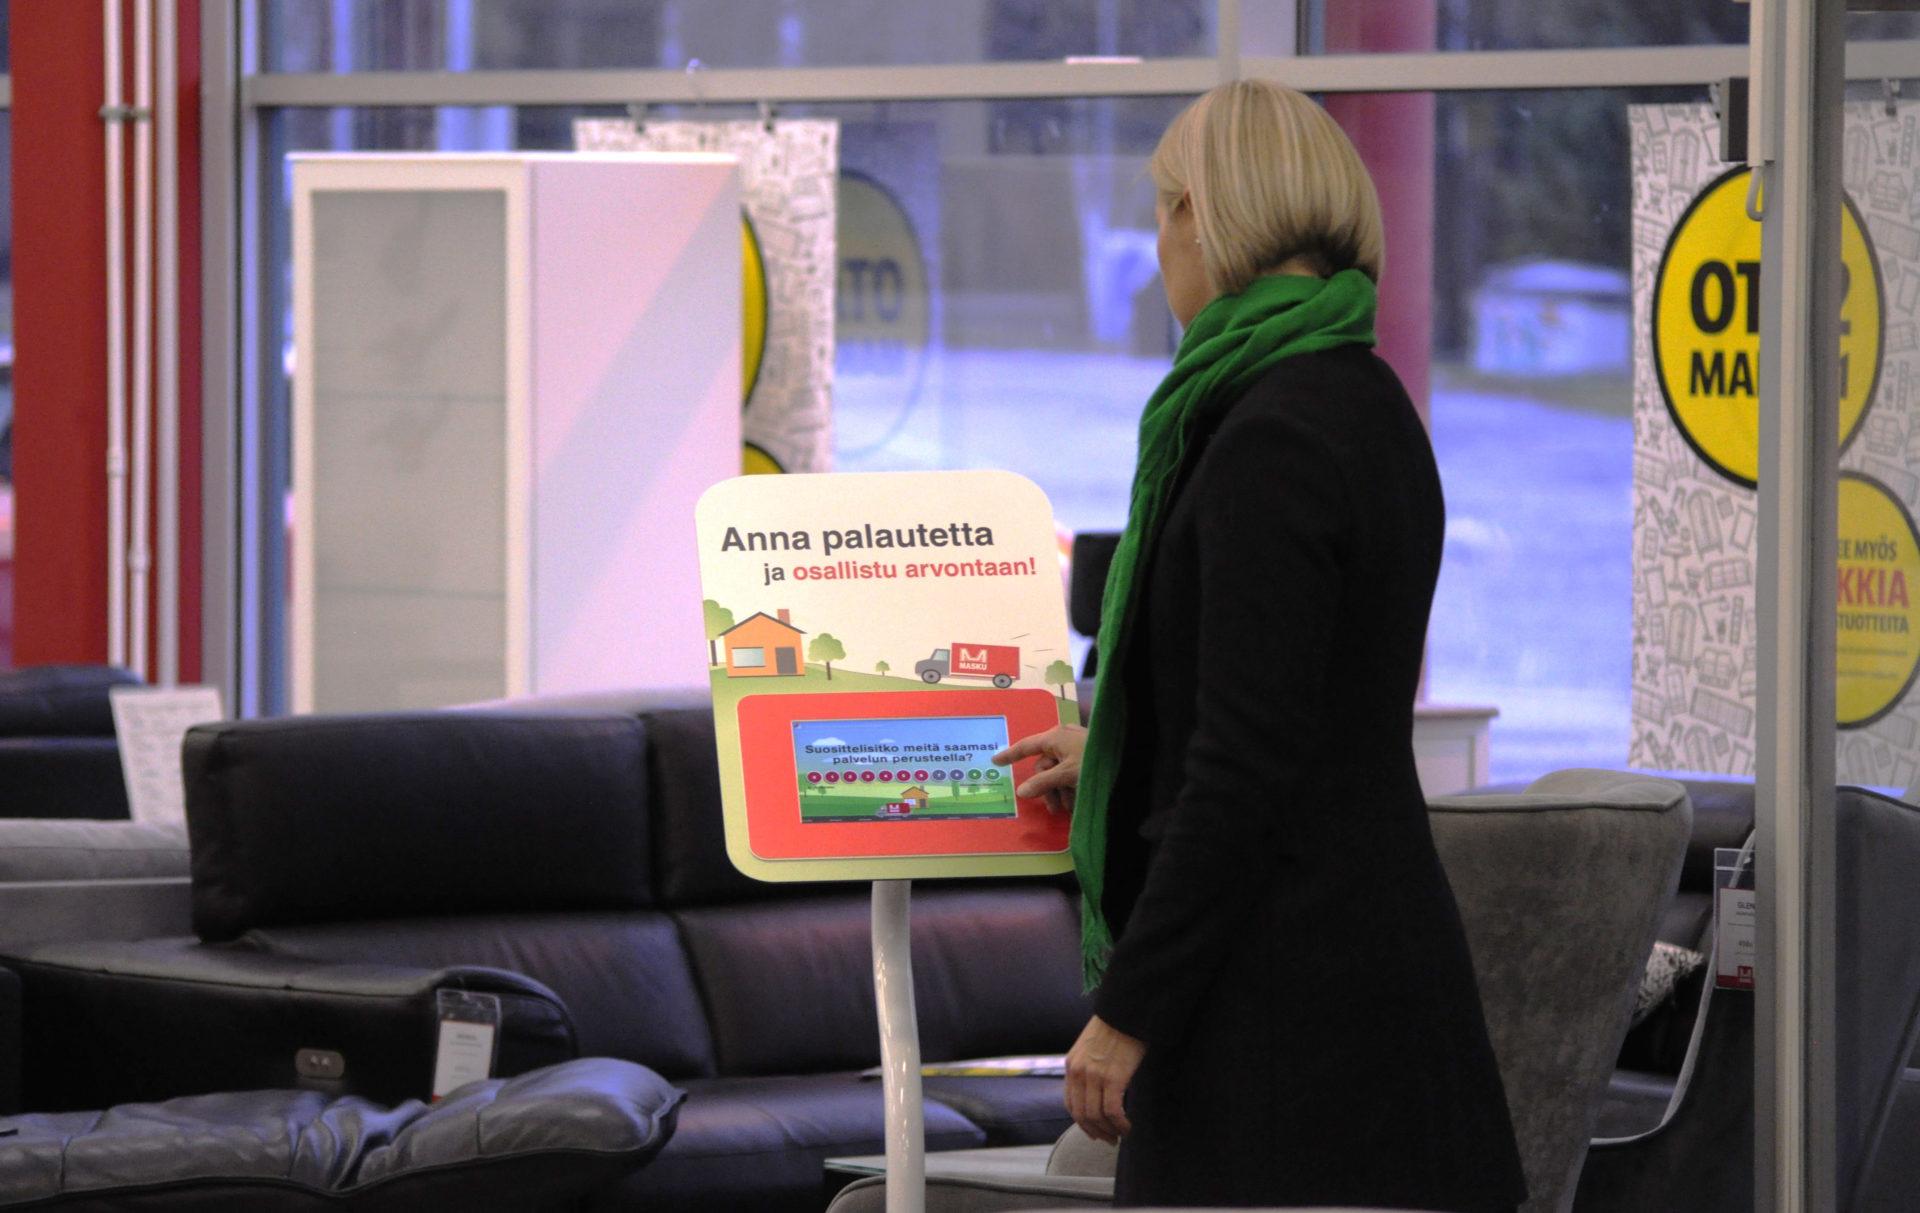 Masku mittaa asiakaskokemusta Roidun palautelaitteilla